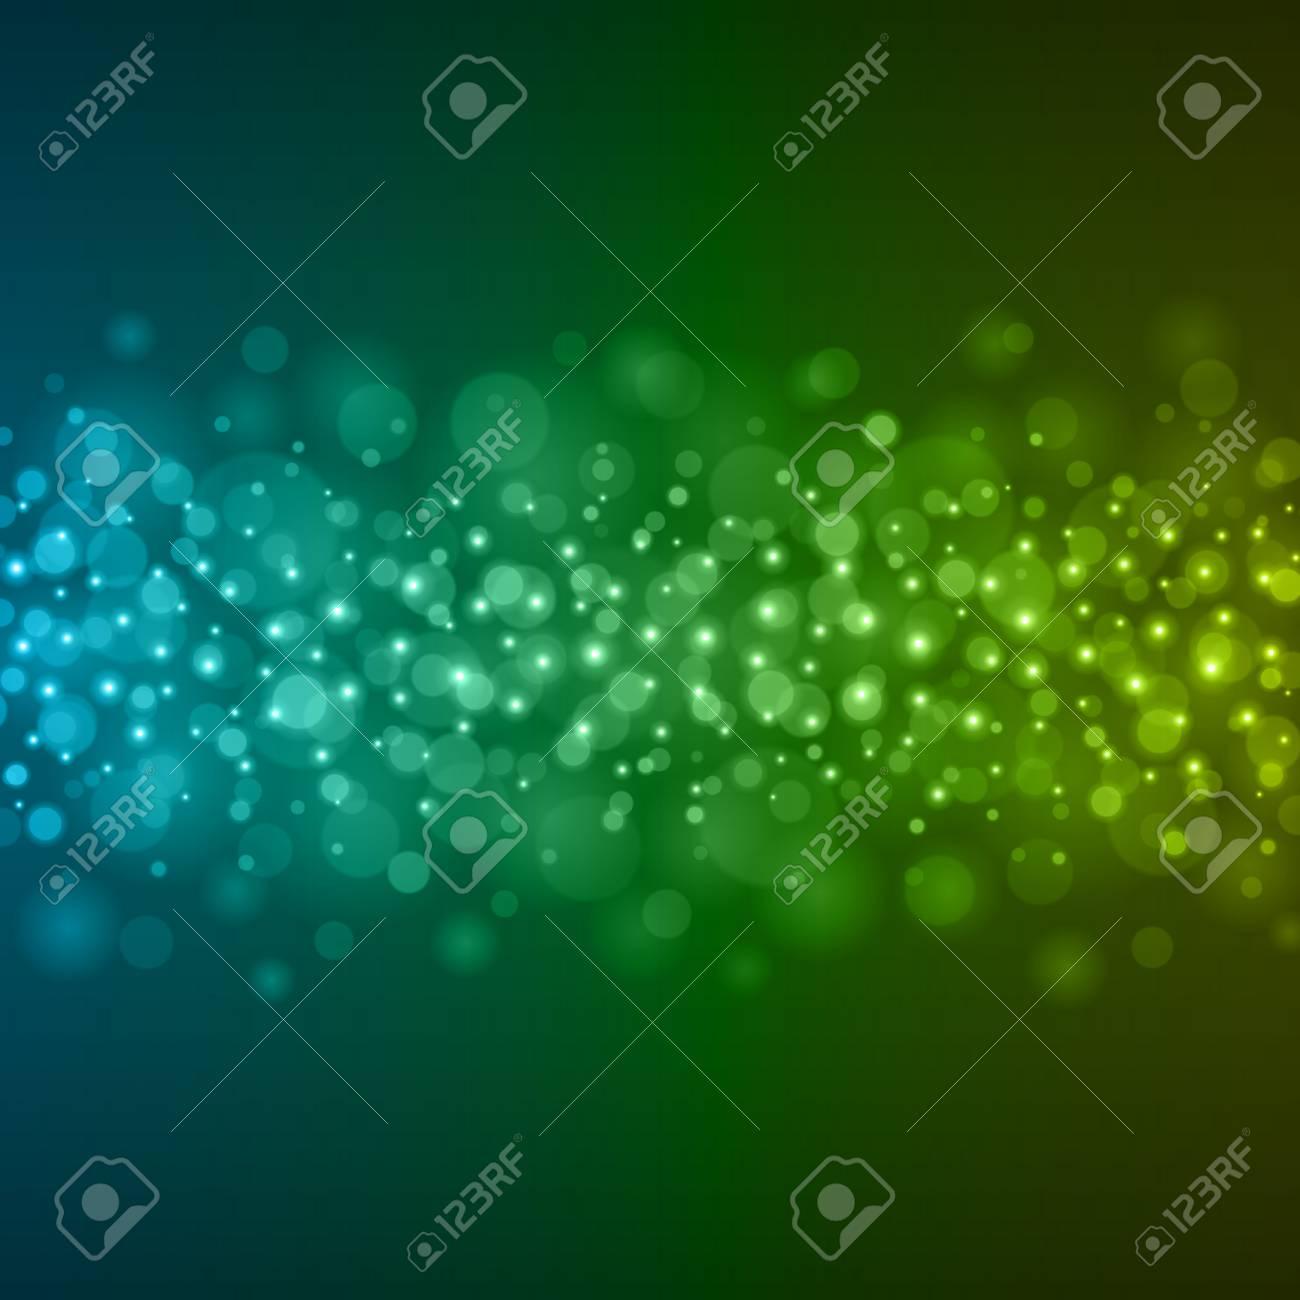 抽象的な光青緑ボケ背景ベクトル イラスト。マジックは、キラキラ輝くを